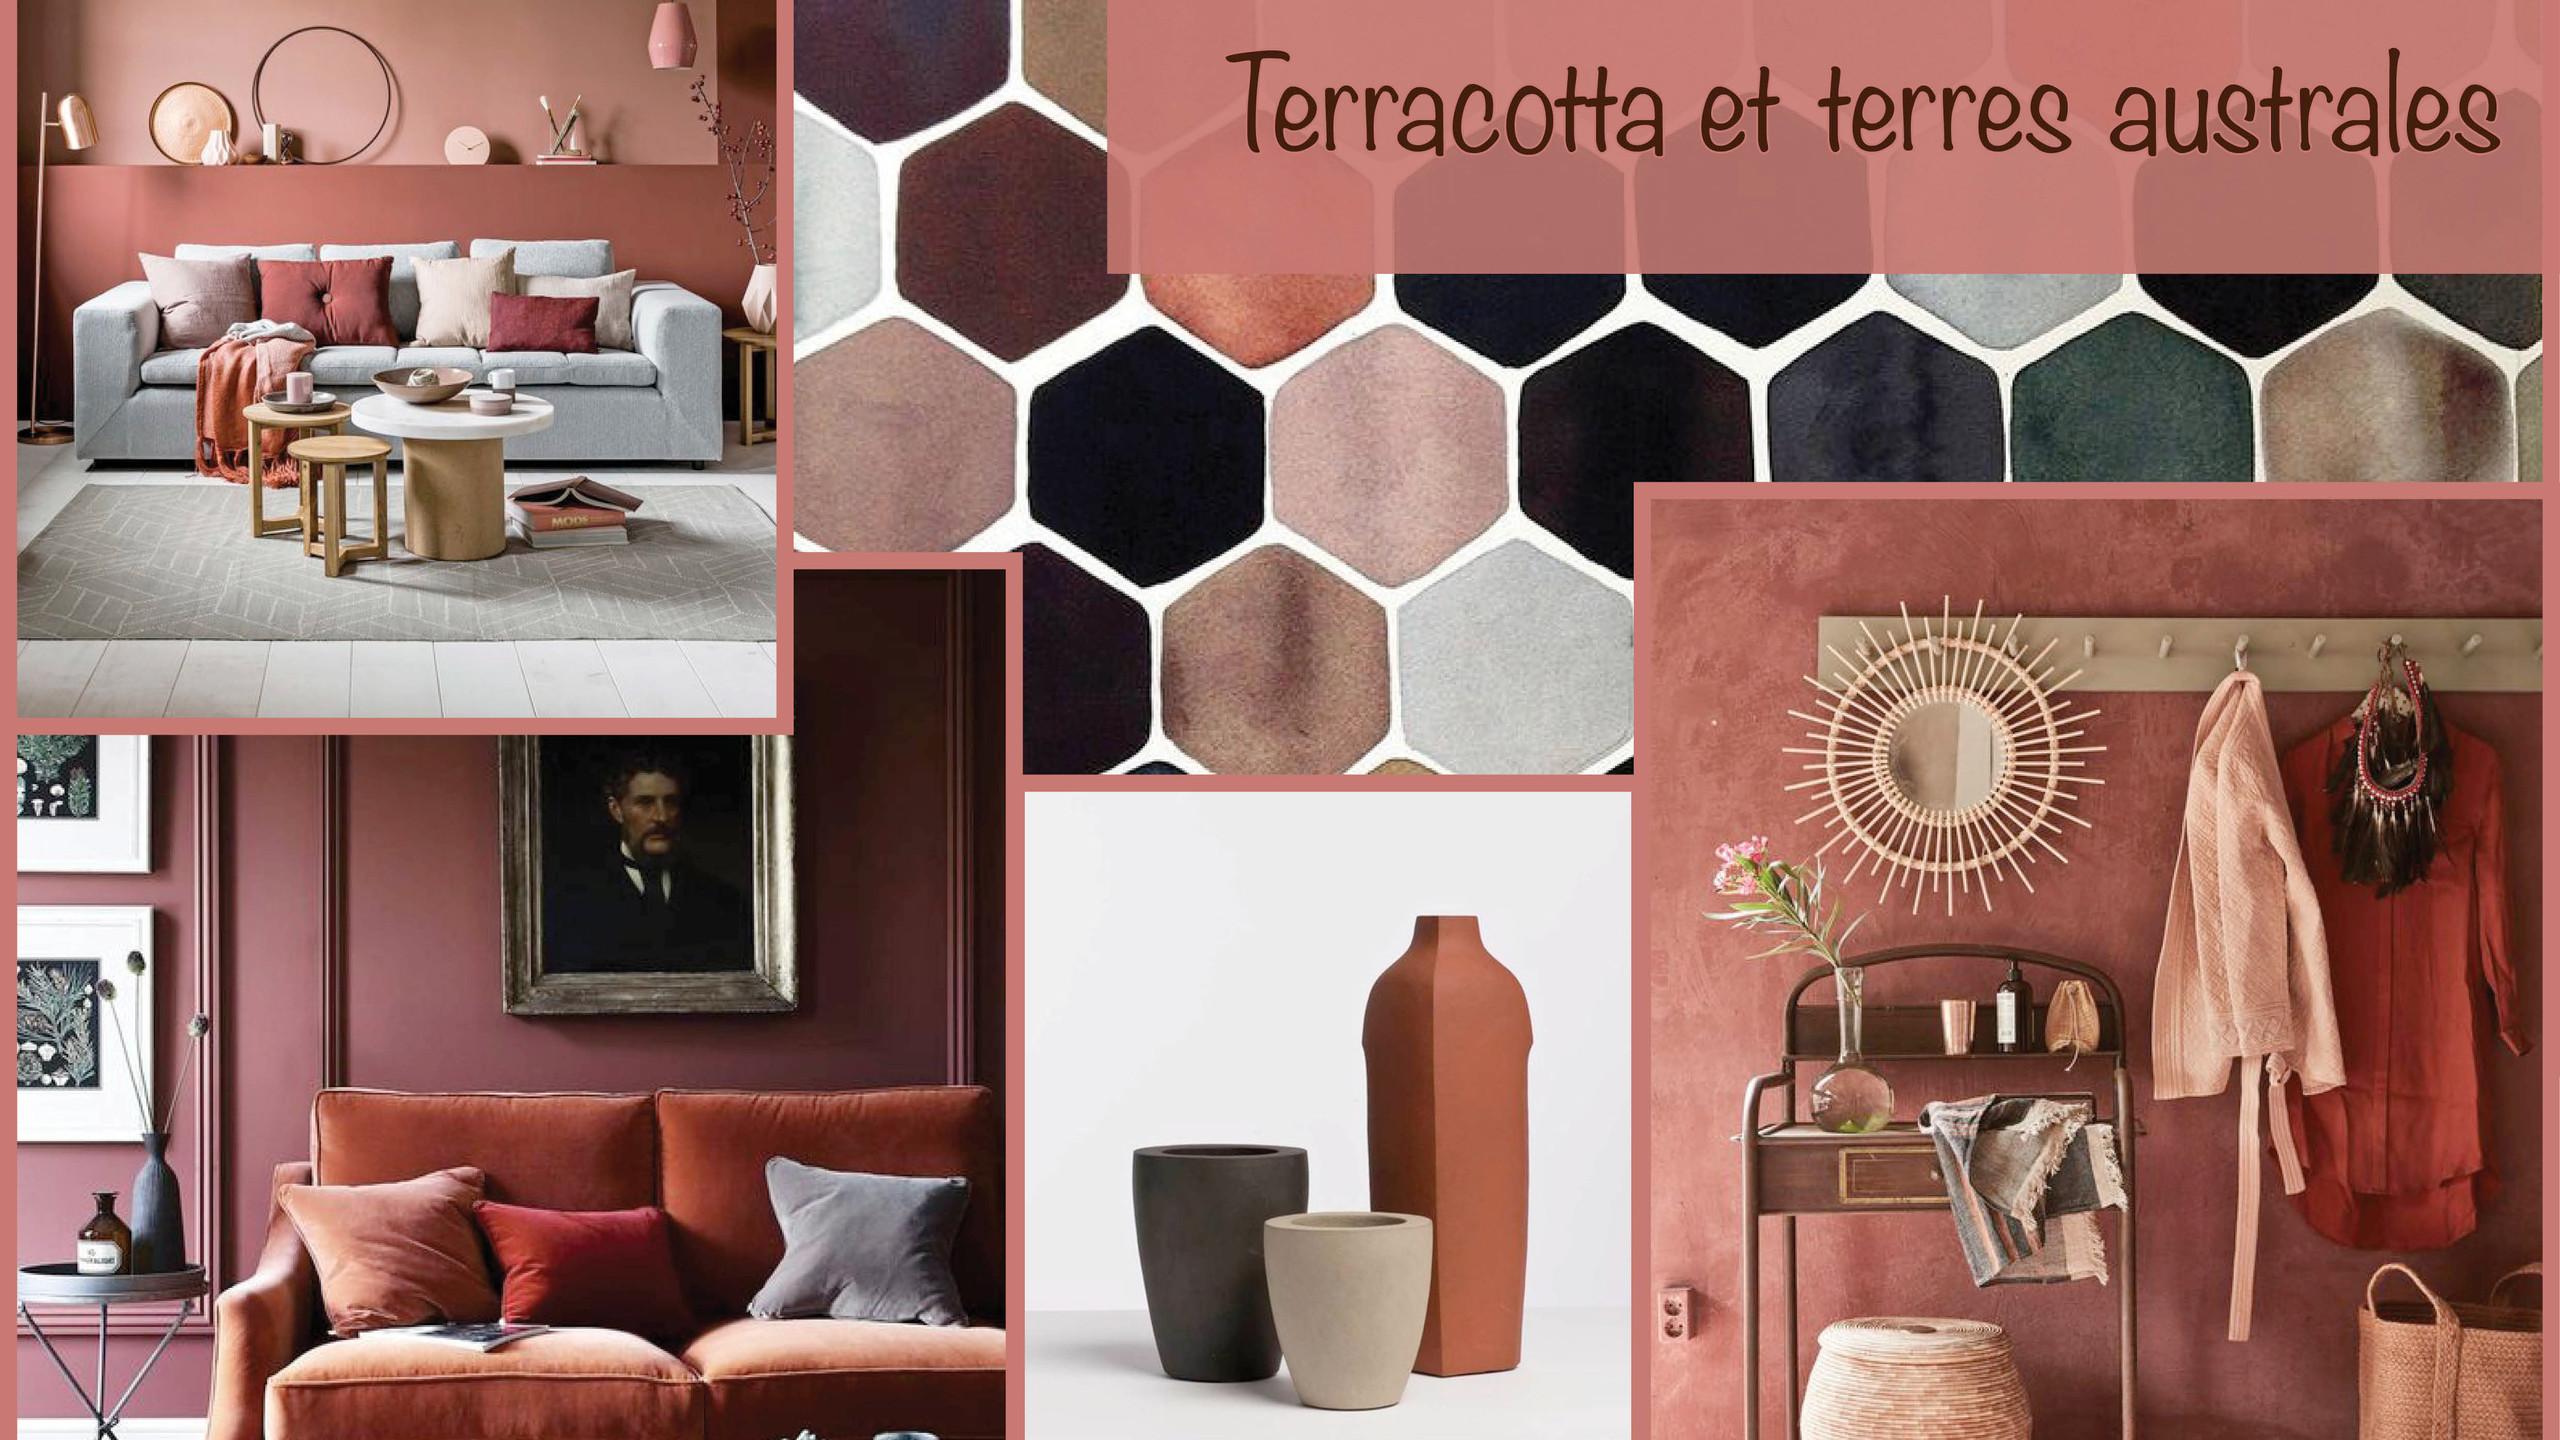 décoration contemporaine terracotta